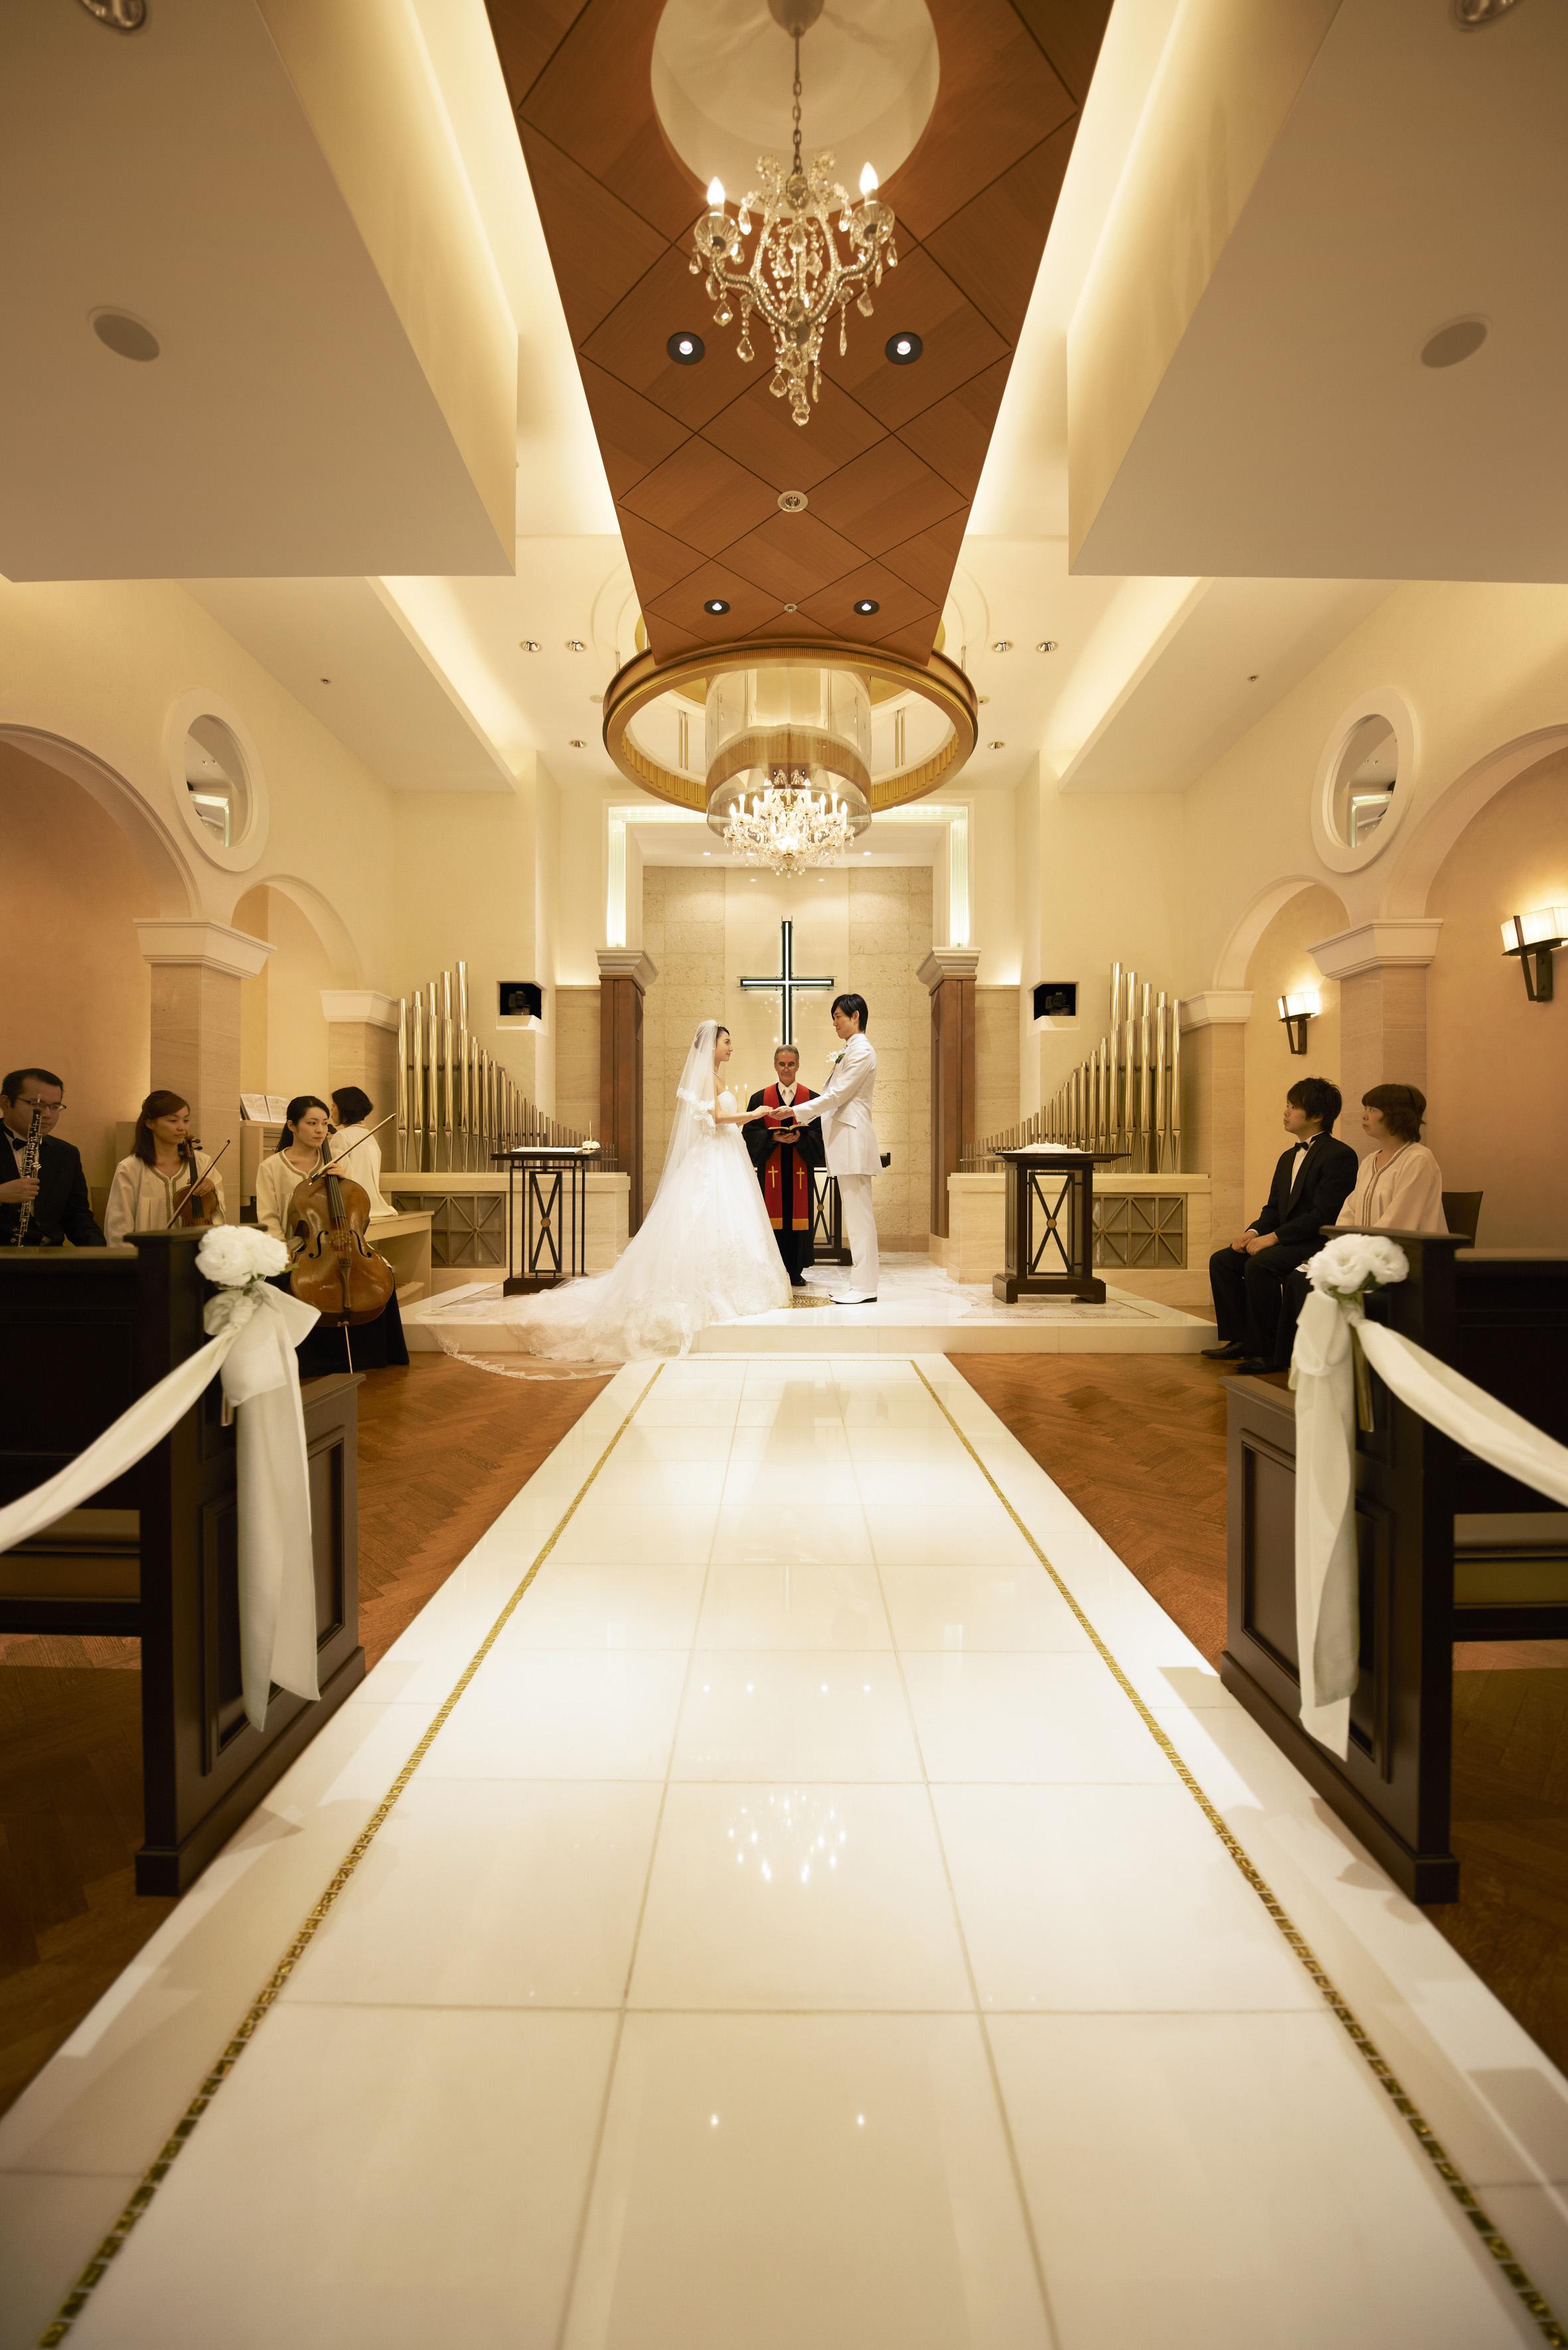 『ホテルニューオータニ』のウエディングプレヴューで、結婚式を体験しちゃう?_3